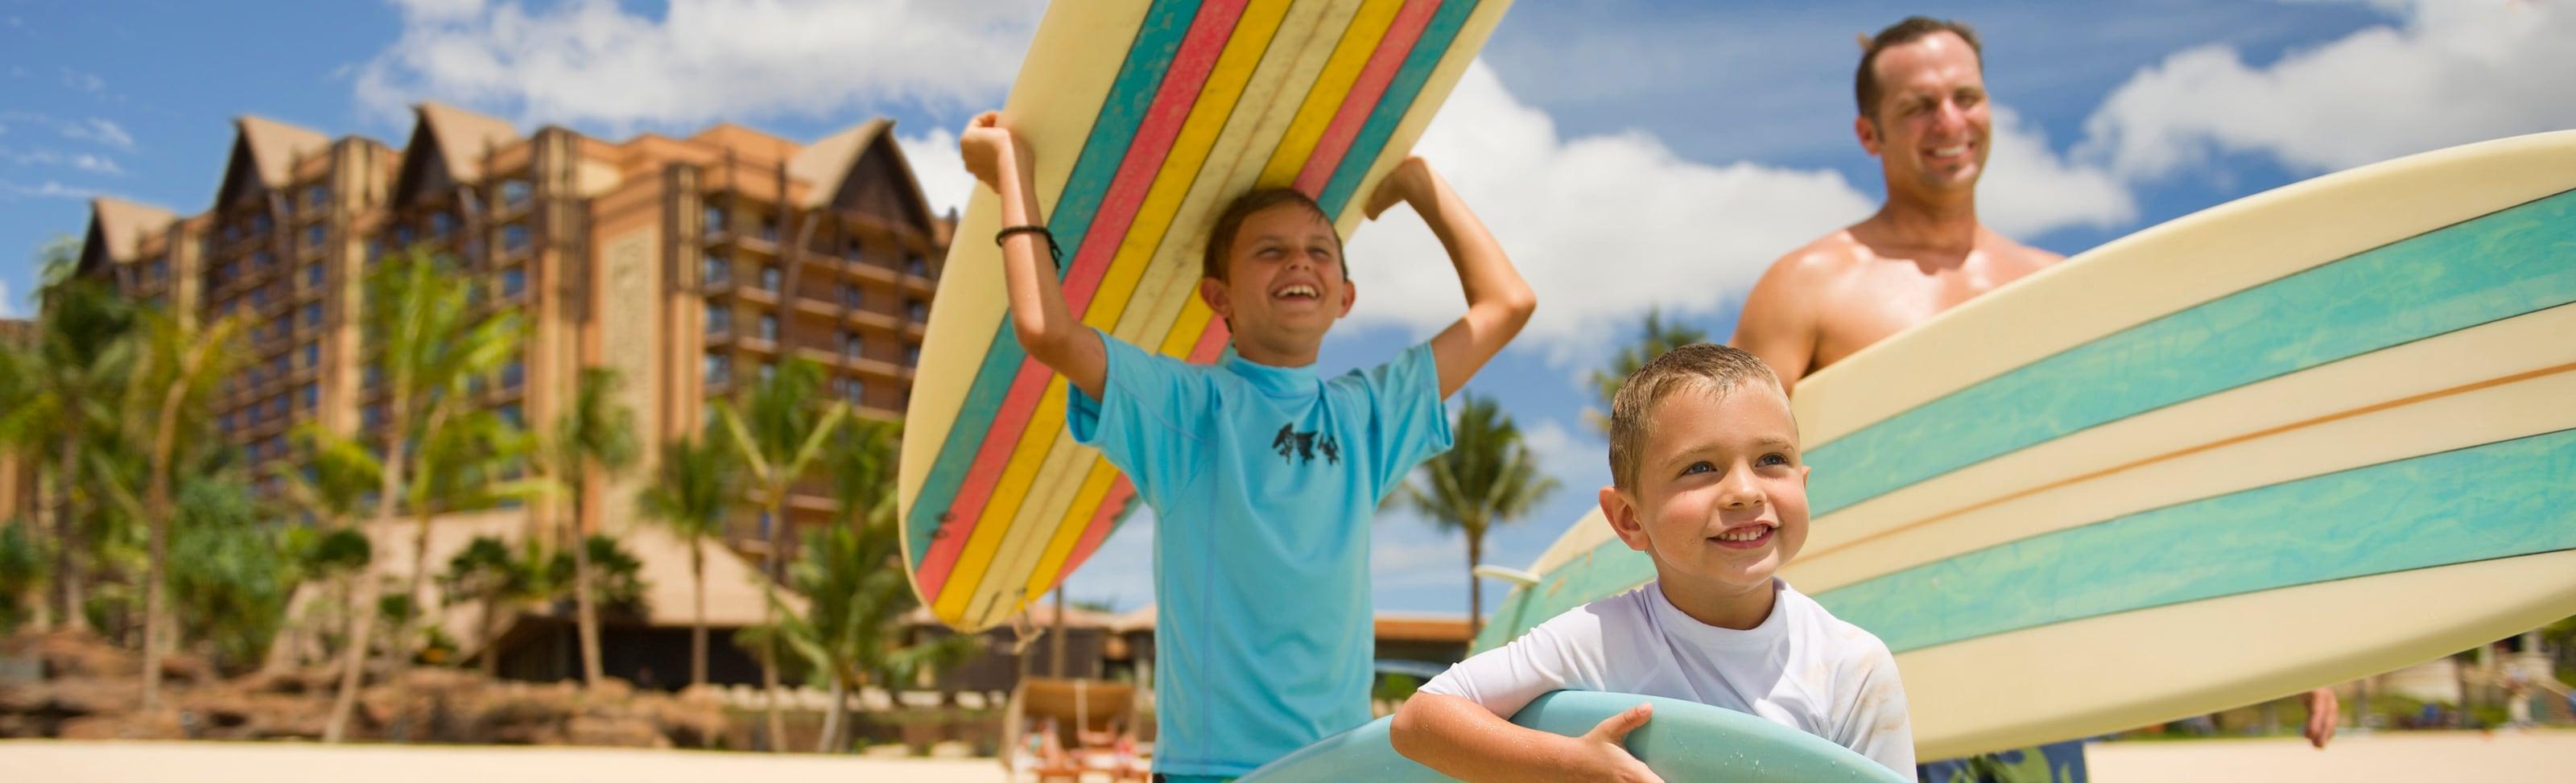 サーフボードを持って海の方へ歩く父親と 2 人の息子